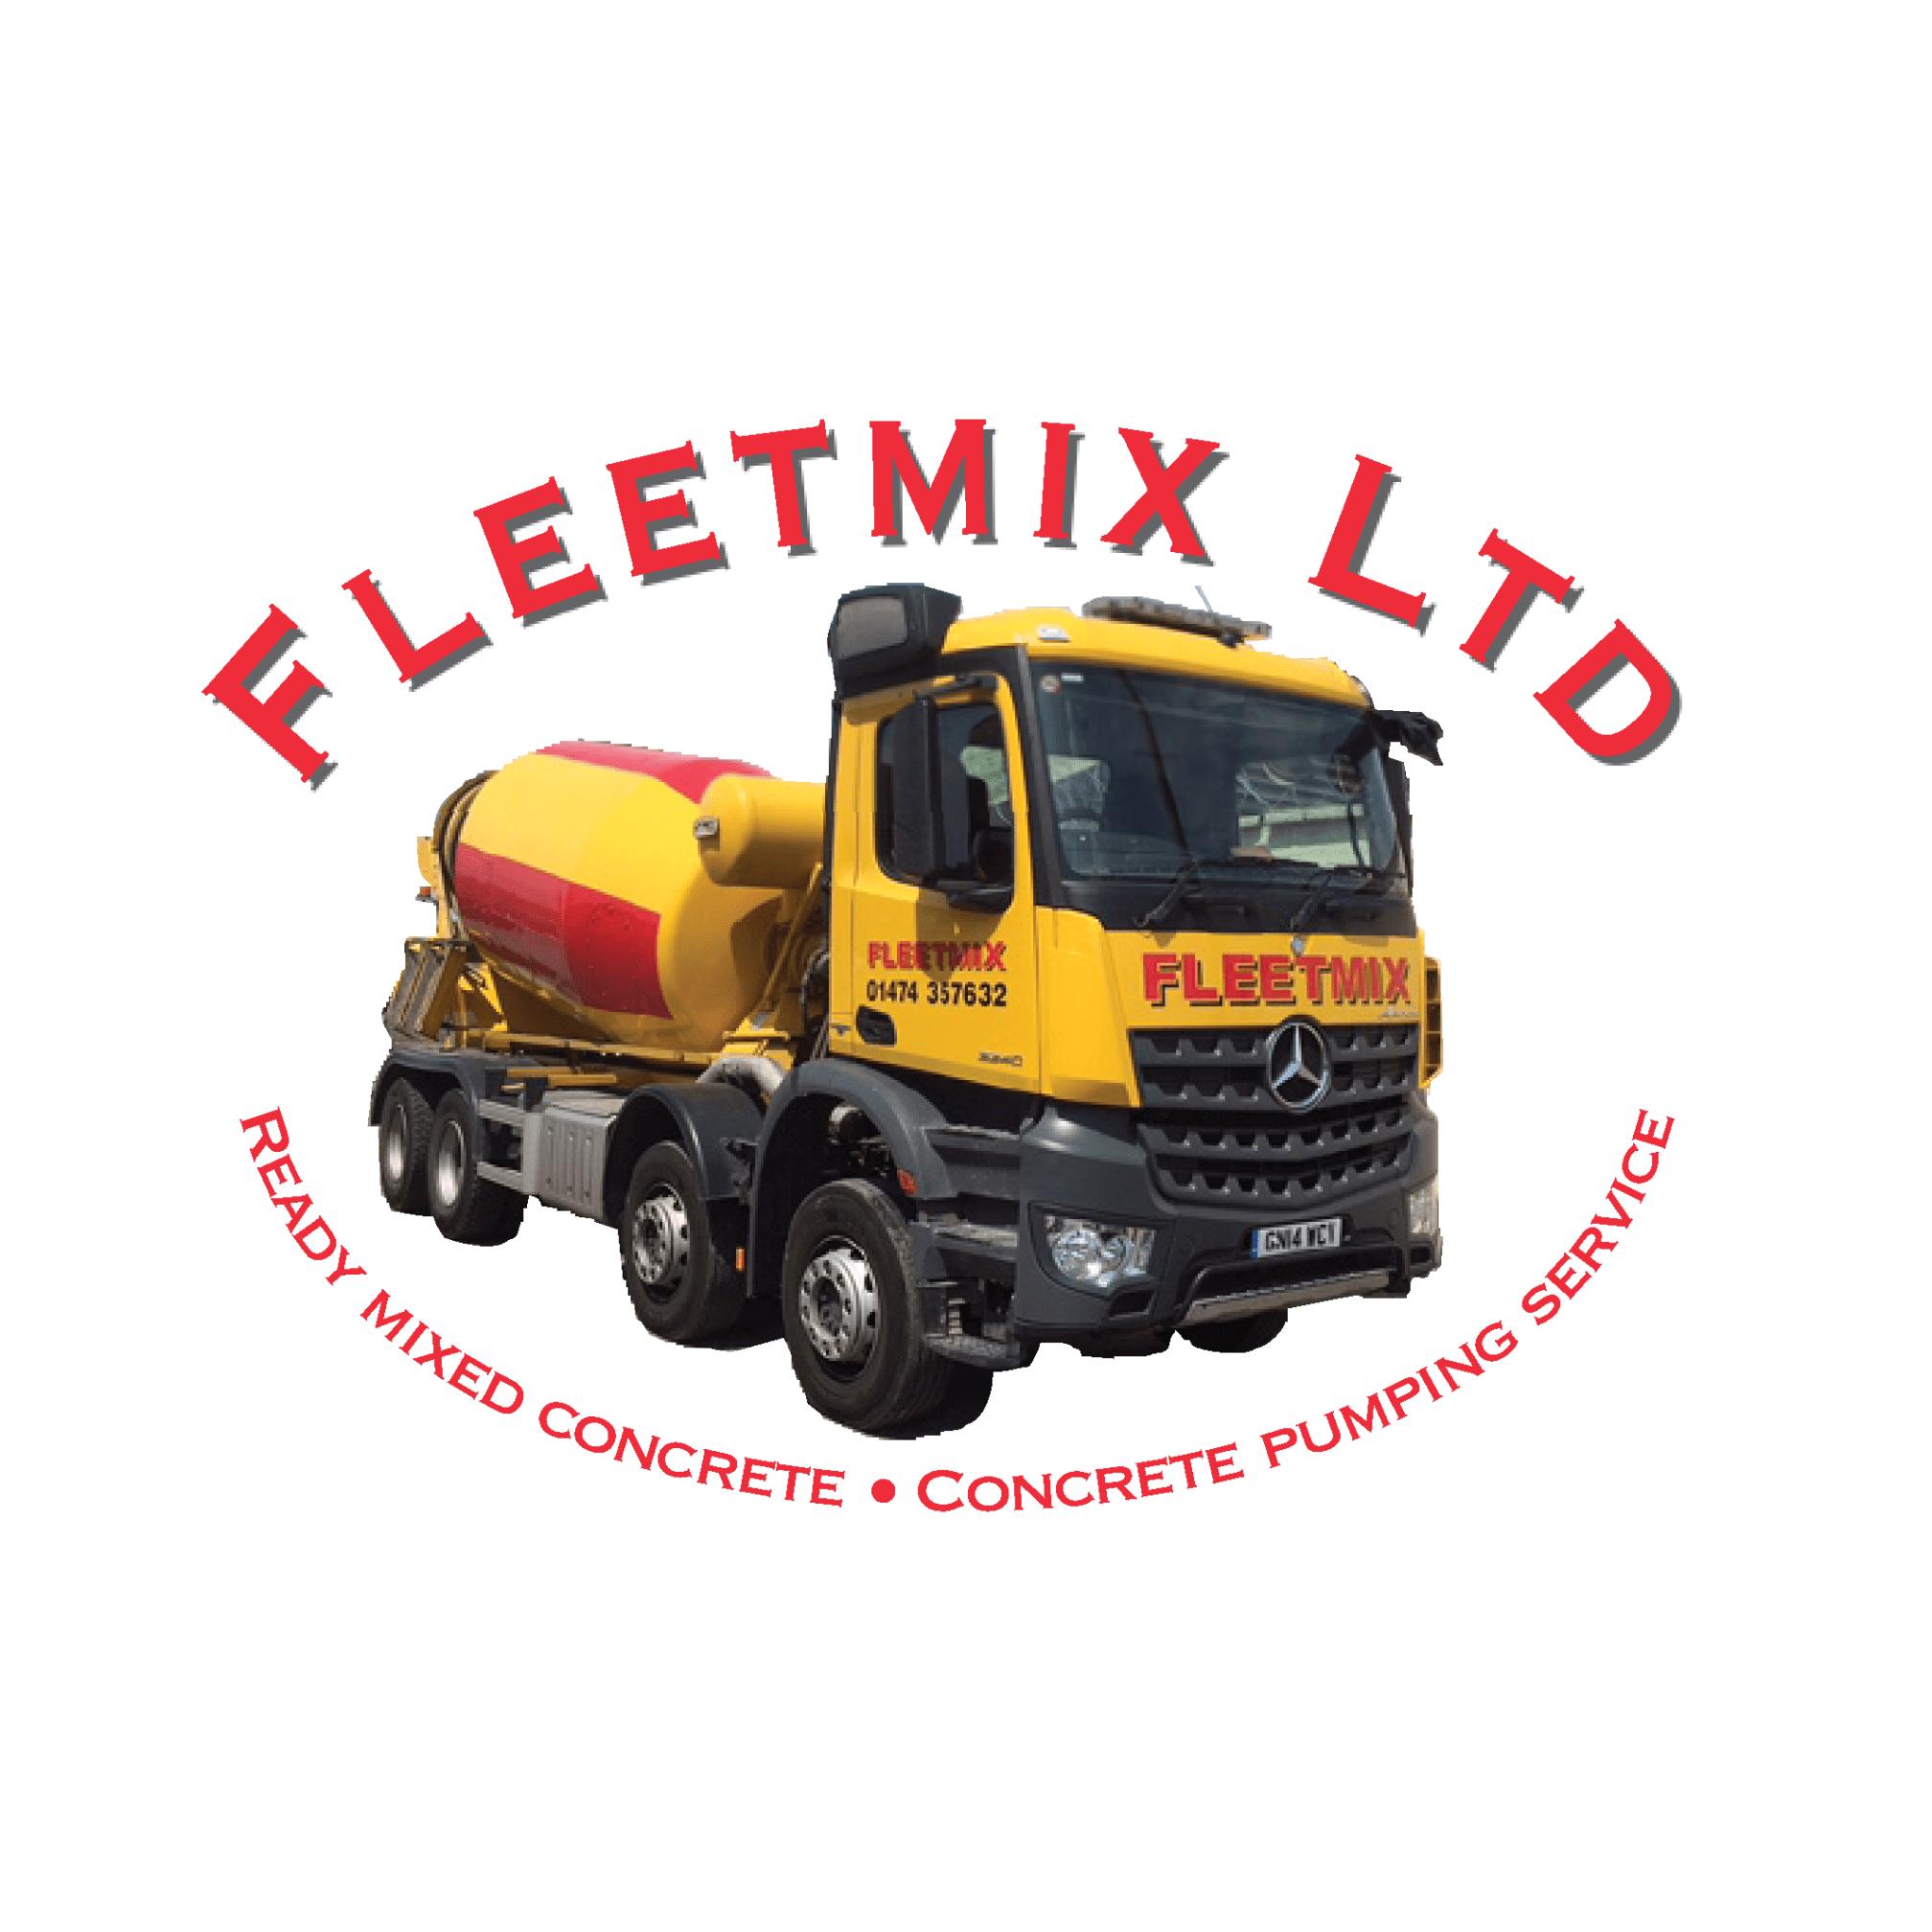 Fleetmix Ltd